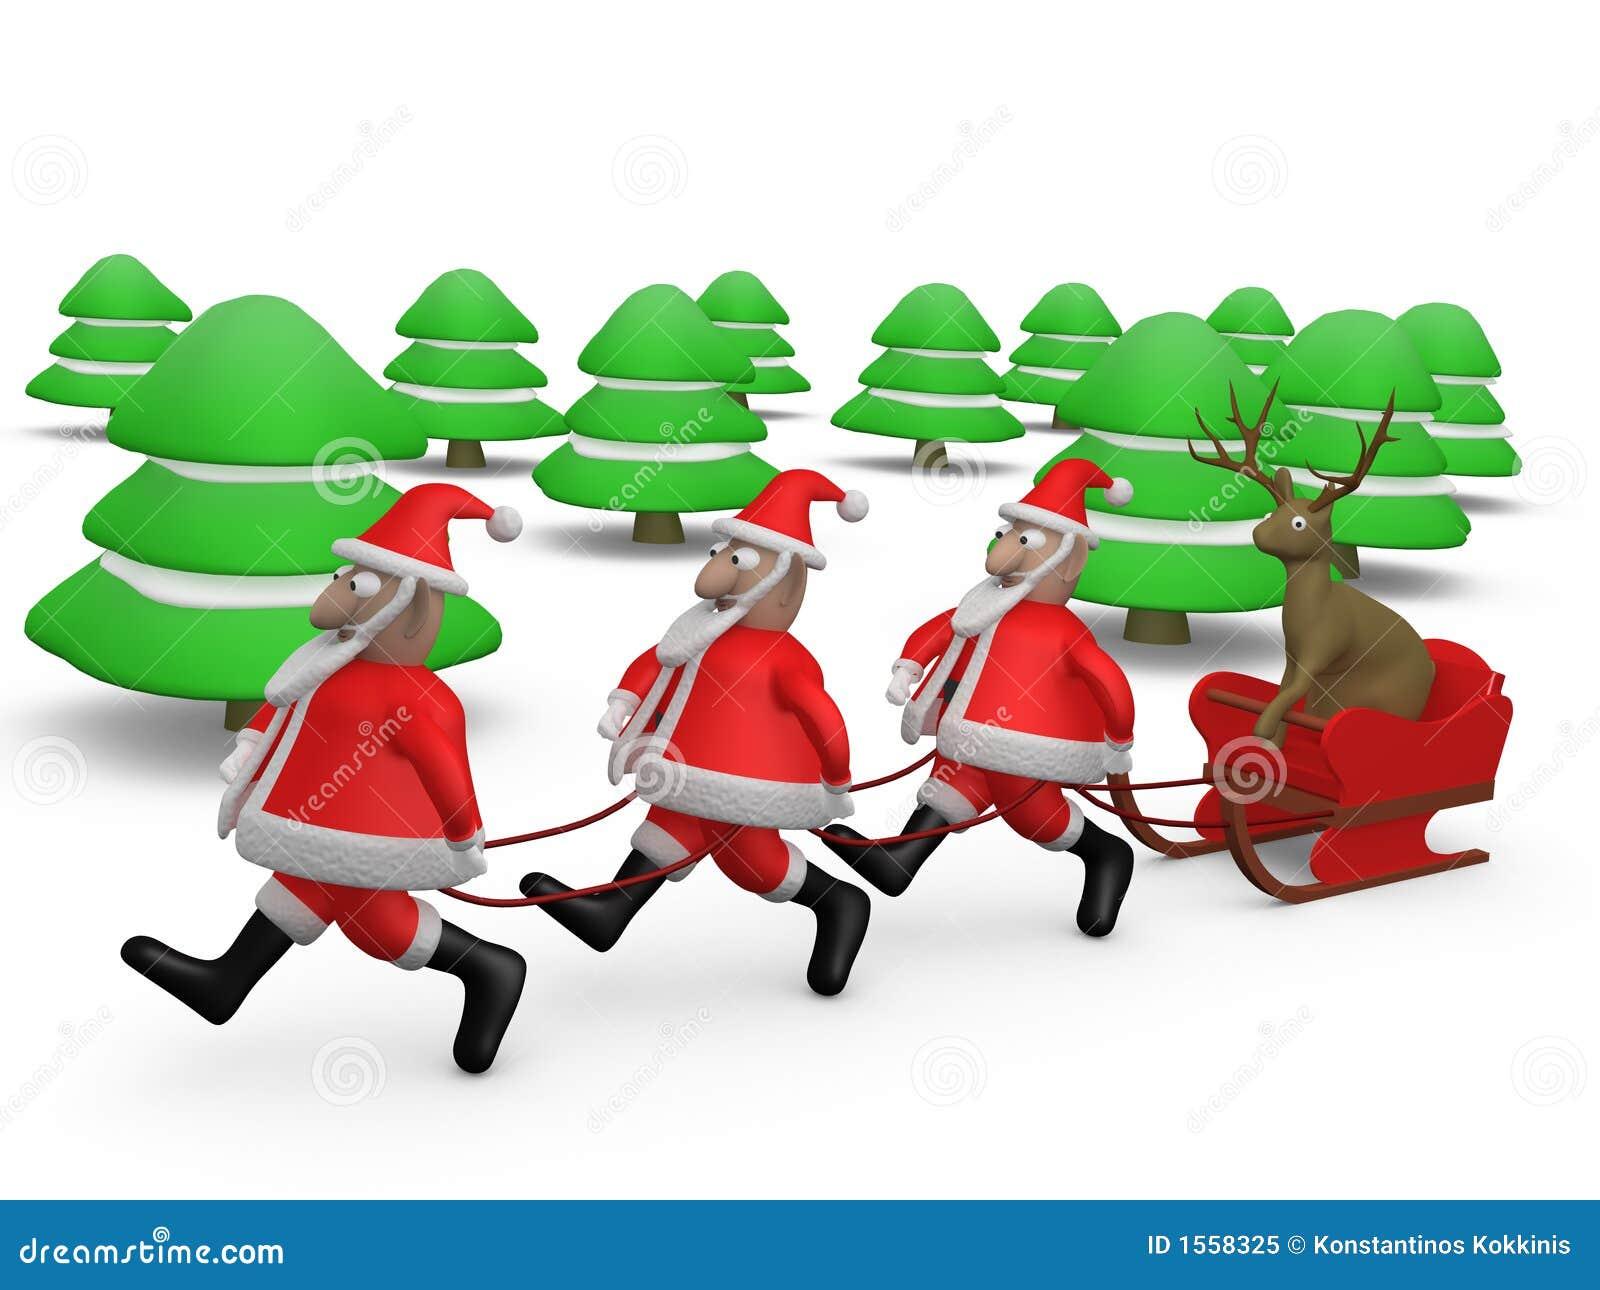 Weird Christmas Stock Photos 11